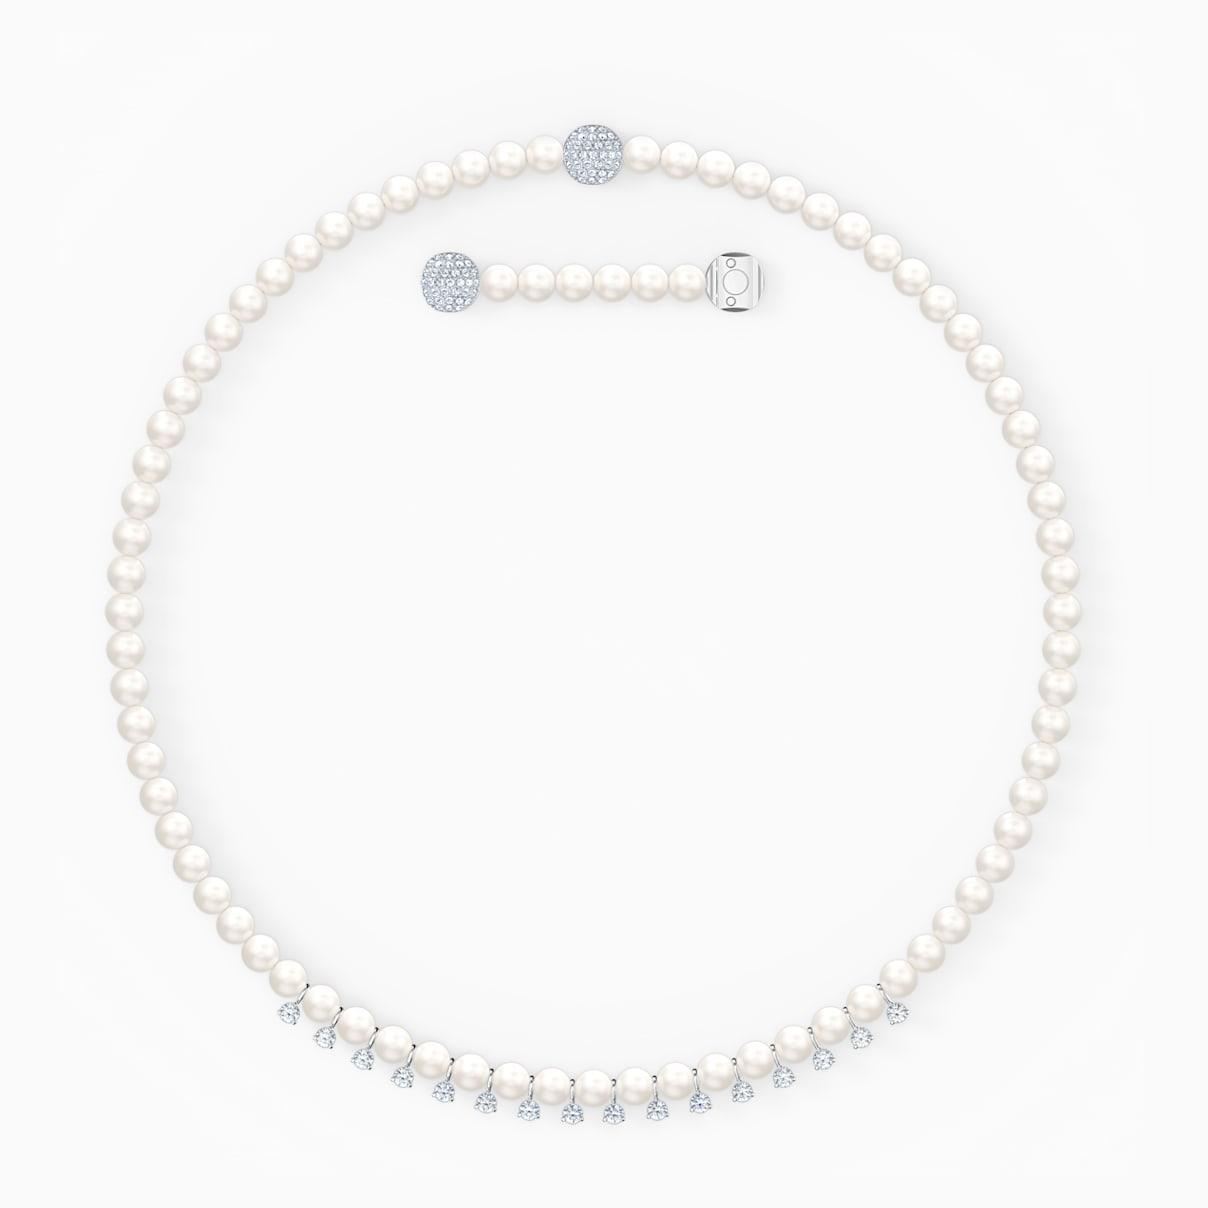 Collana Treasure Pearls, bianco, placcato rodio